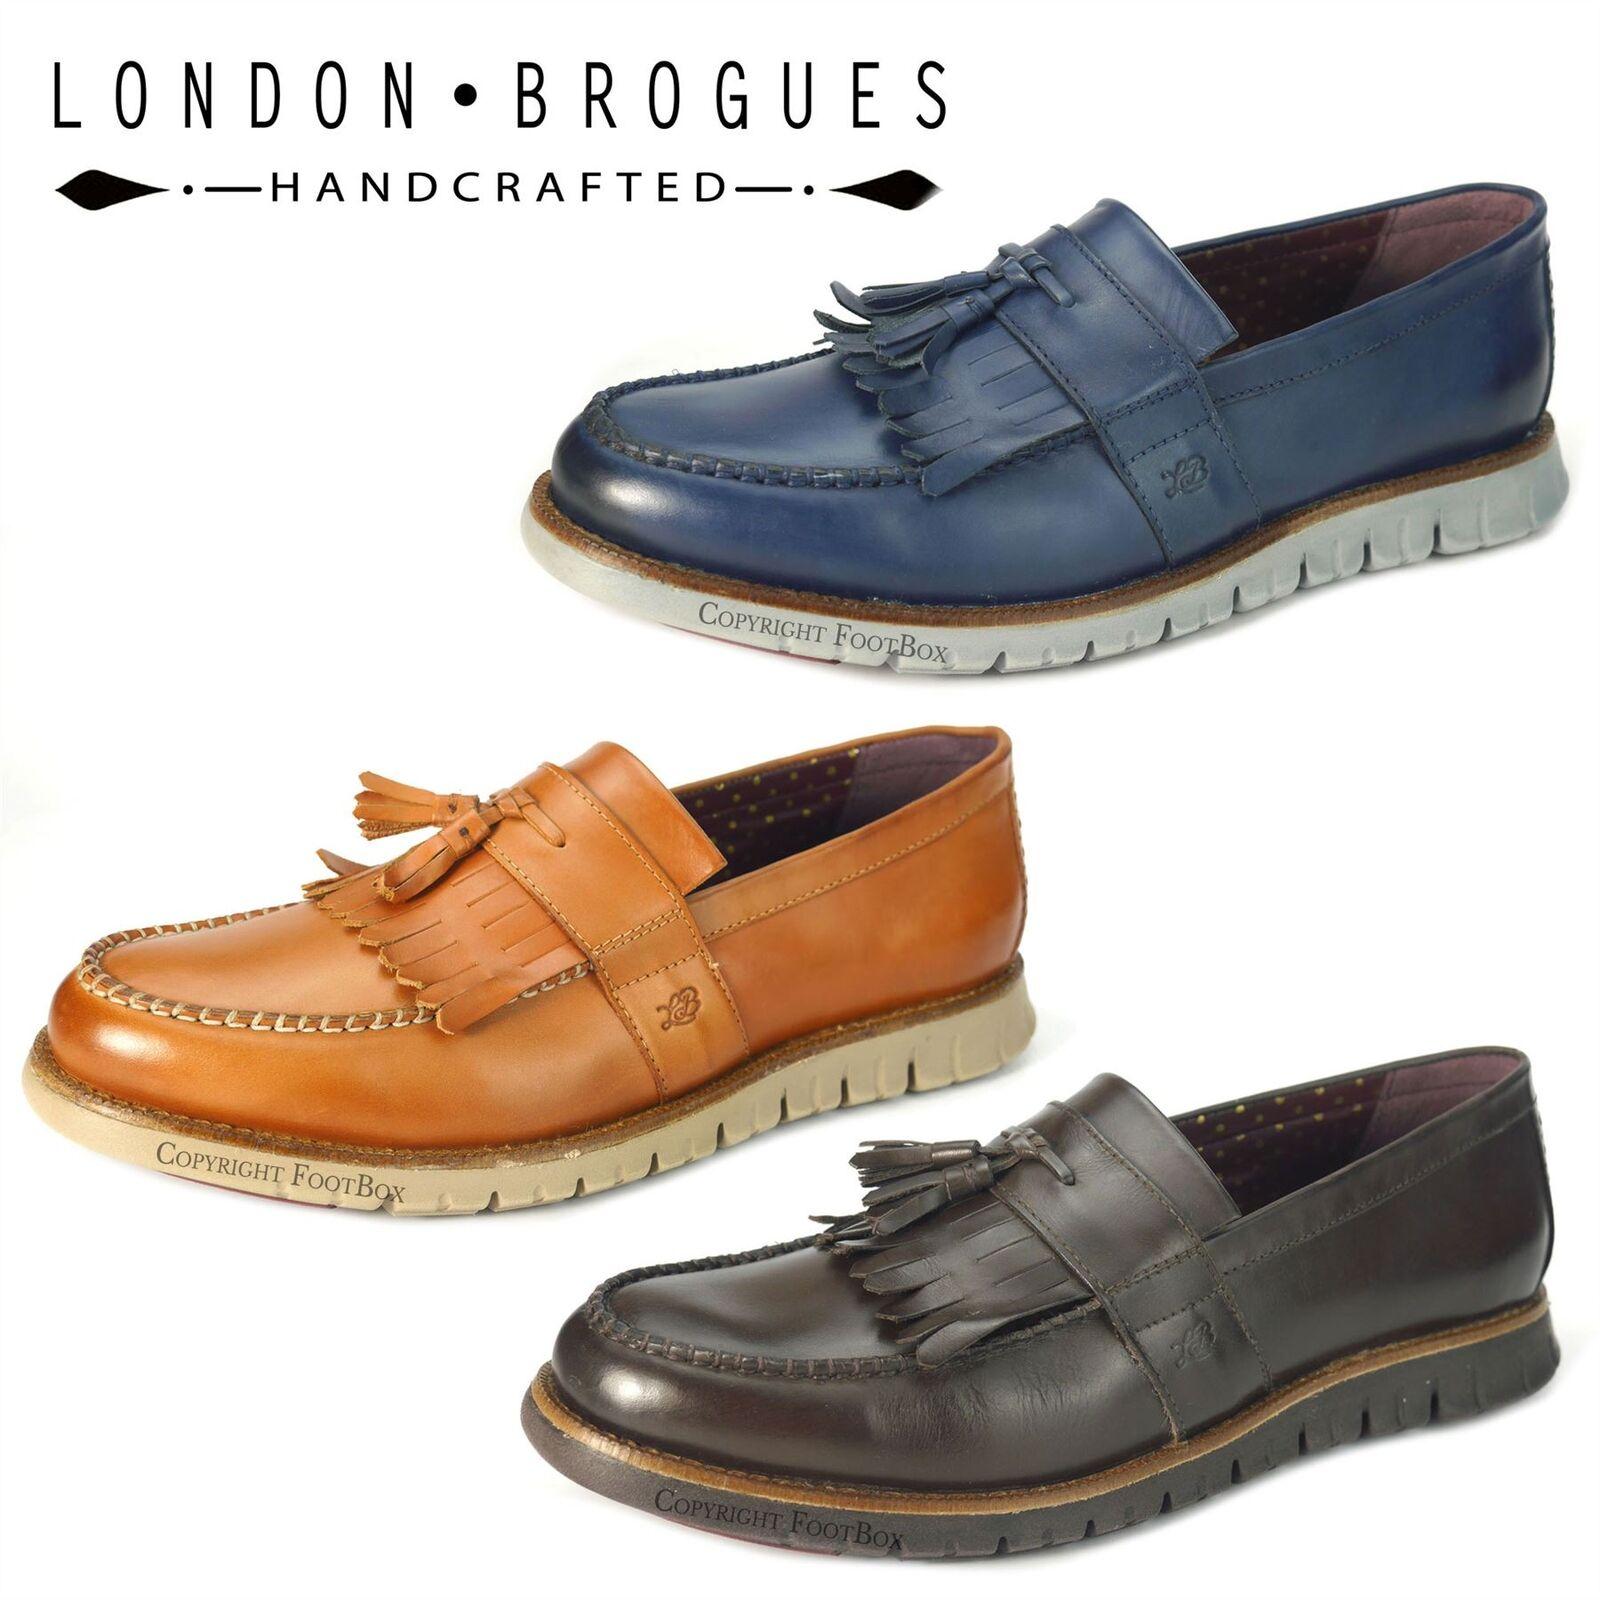 economico London Brogues GATZ Mocassino Cuoio Cuoio Cuoio Leggero Scarpe Da Uomo Flessibile  spedizione gratuita!